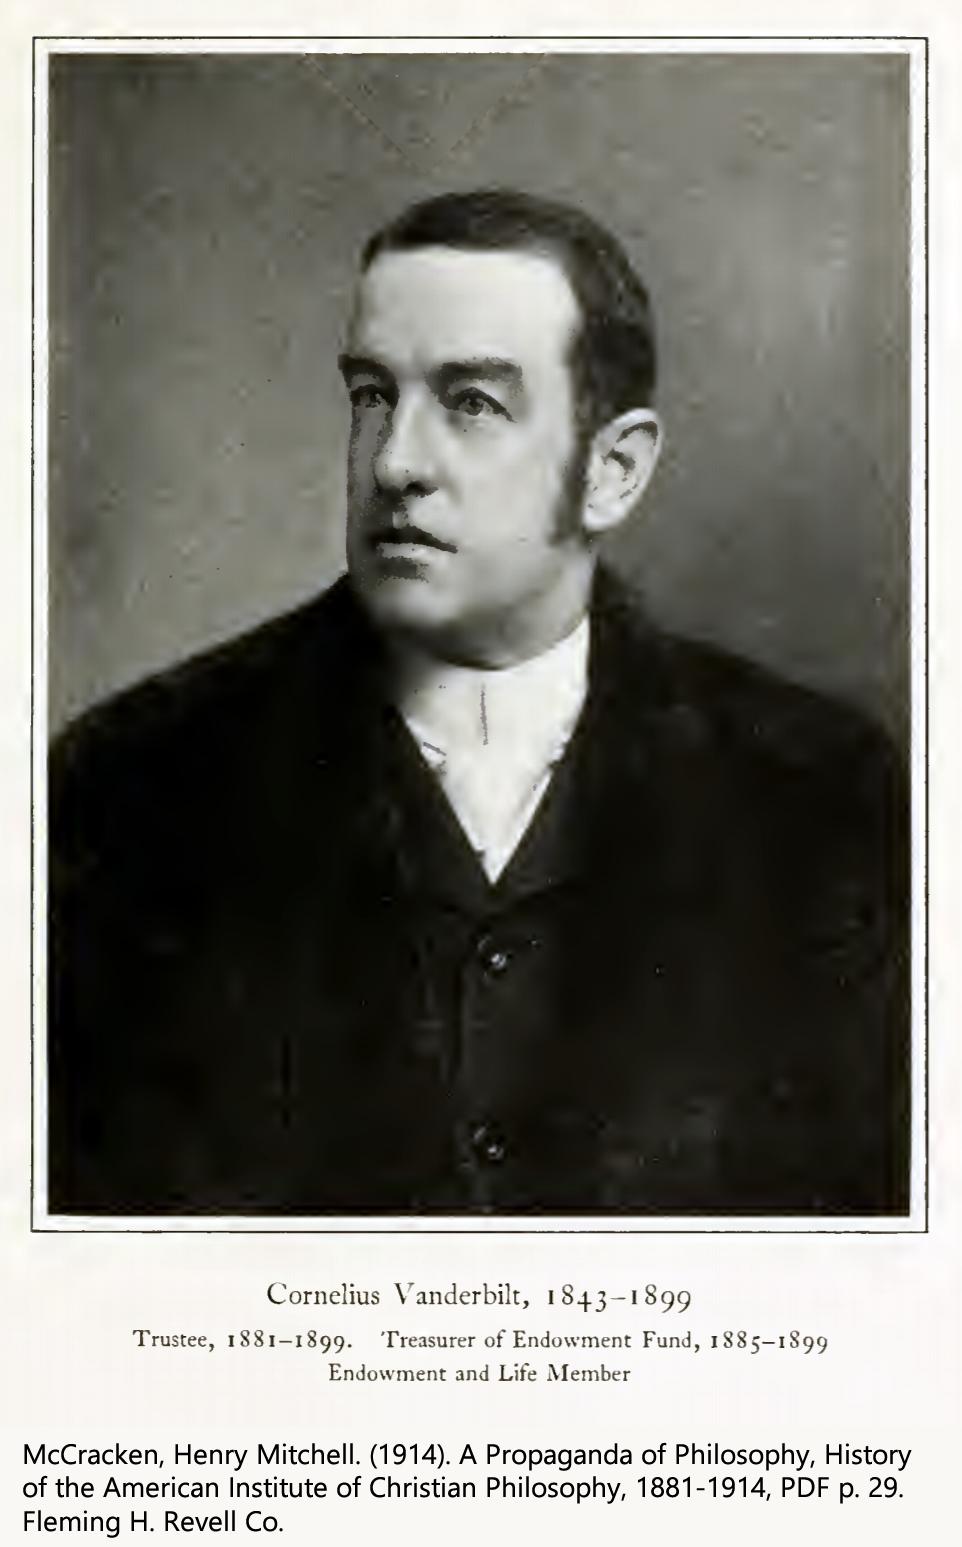 Cornelius H. Vanderbilt (1794-1877). Endowment Fund Treasurer and Trustee of American Institute of Christian Philosophy (1881-99).